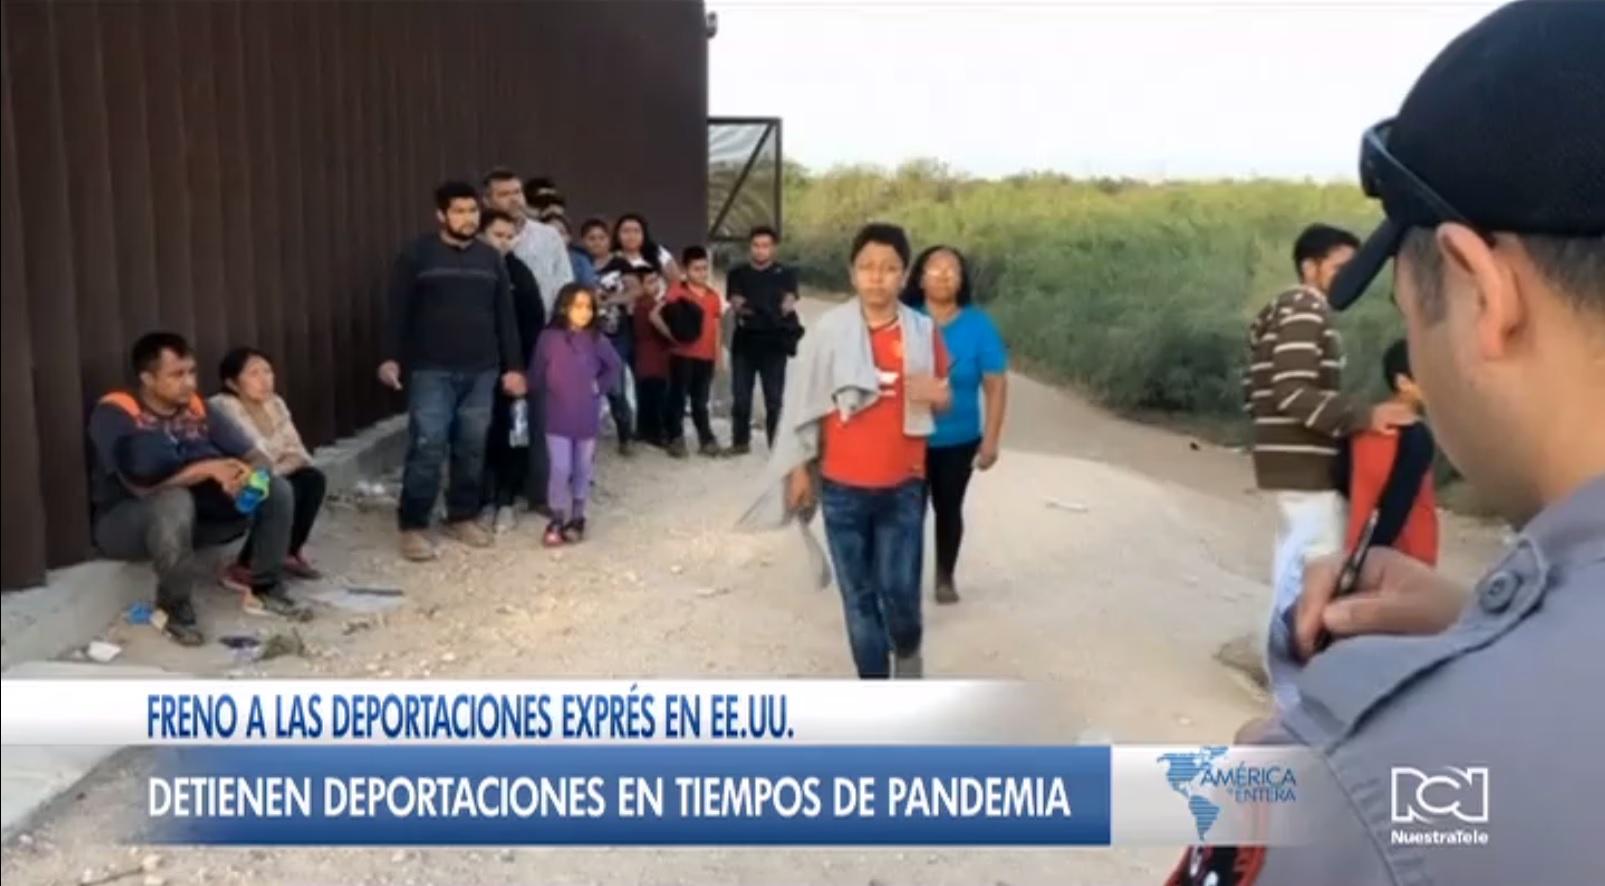 Orden judicial pone freno a las deportaciones exprés de menores de edad en Estados Unidos